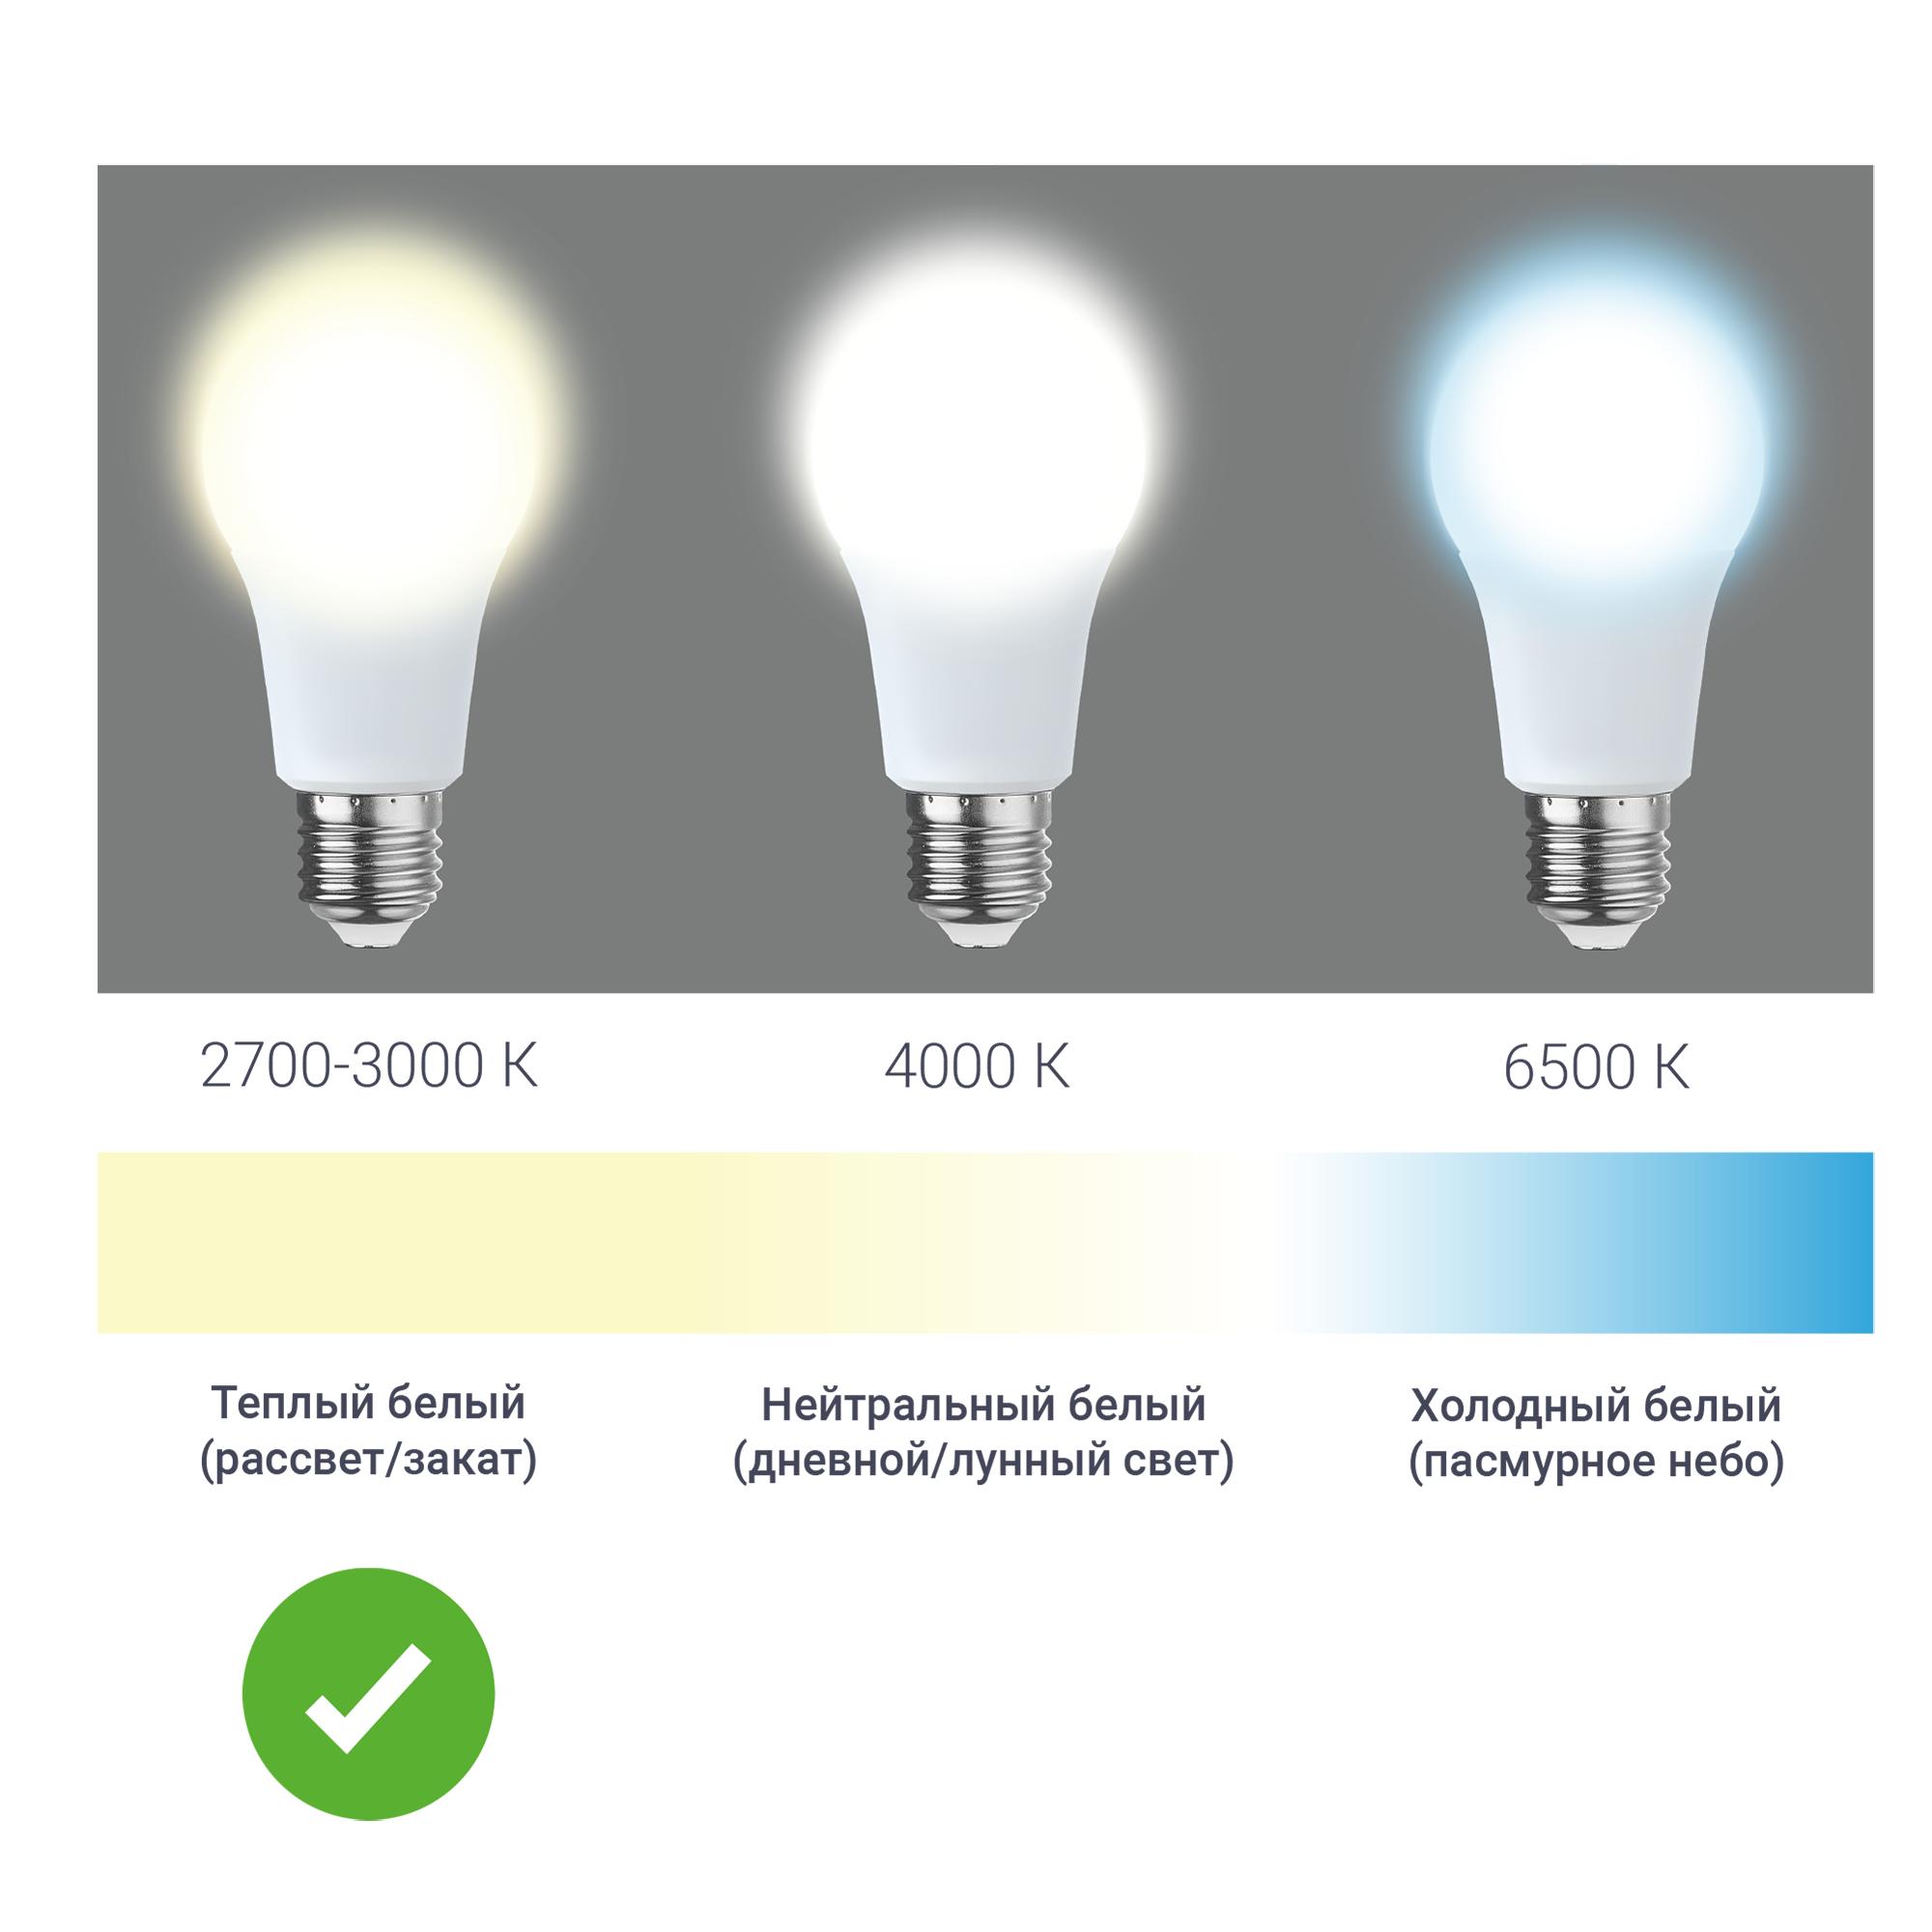 Лампа светодиодная Gauss LED Filament E14 11 Вт свеча на ветру прозрачная 720 лм тёплый белый свет